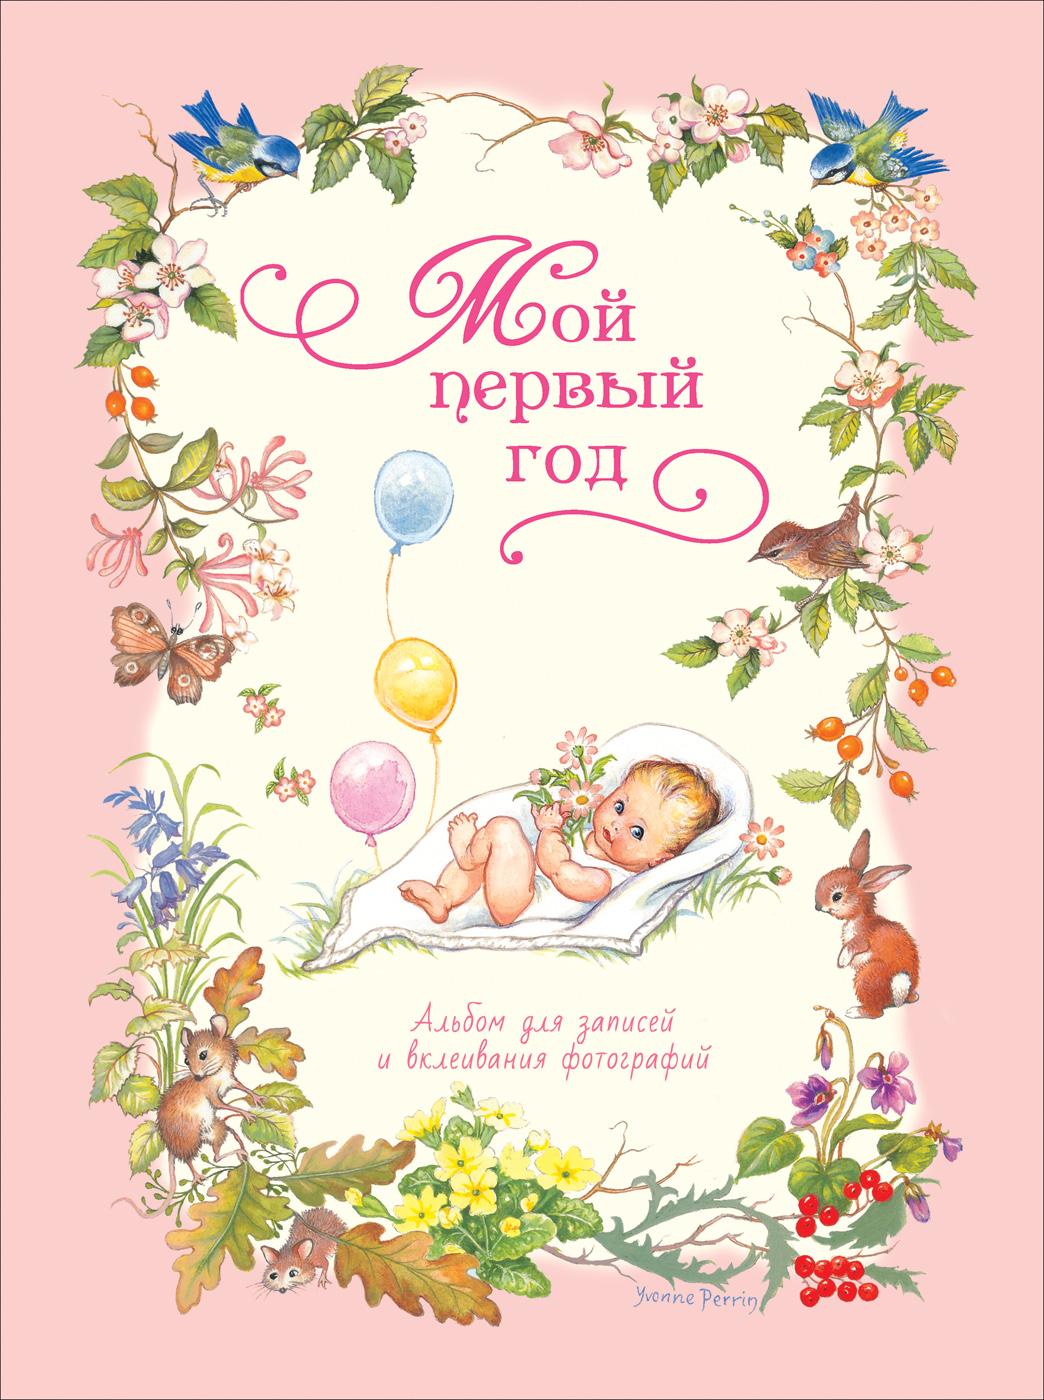 Мазанова Е. К. Мой первый год (розовый)